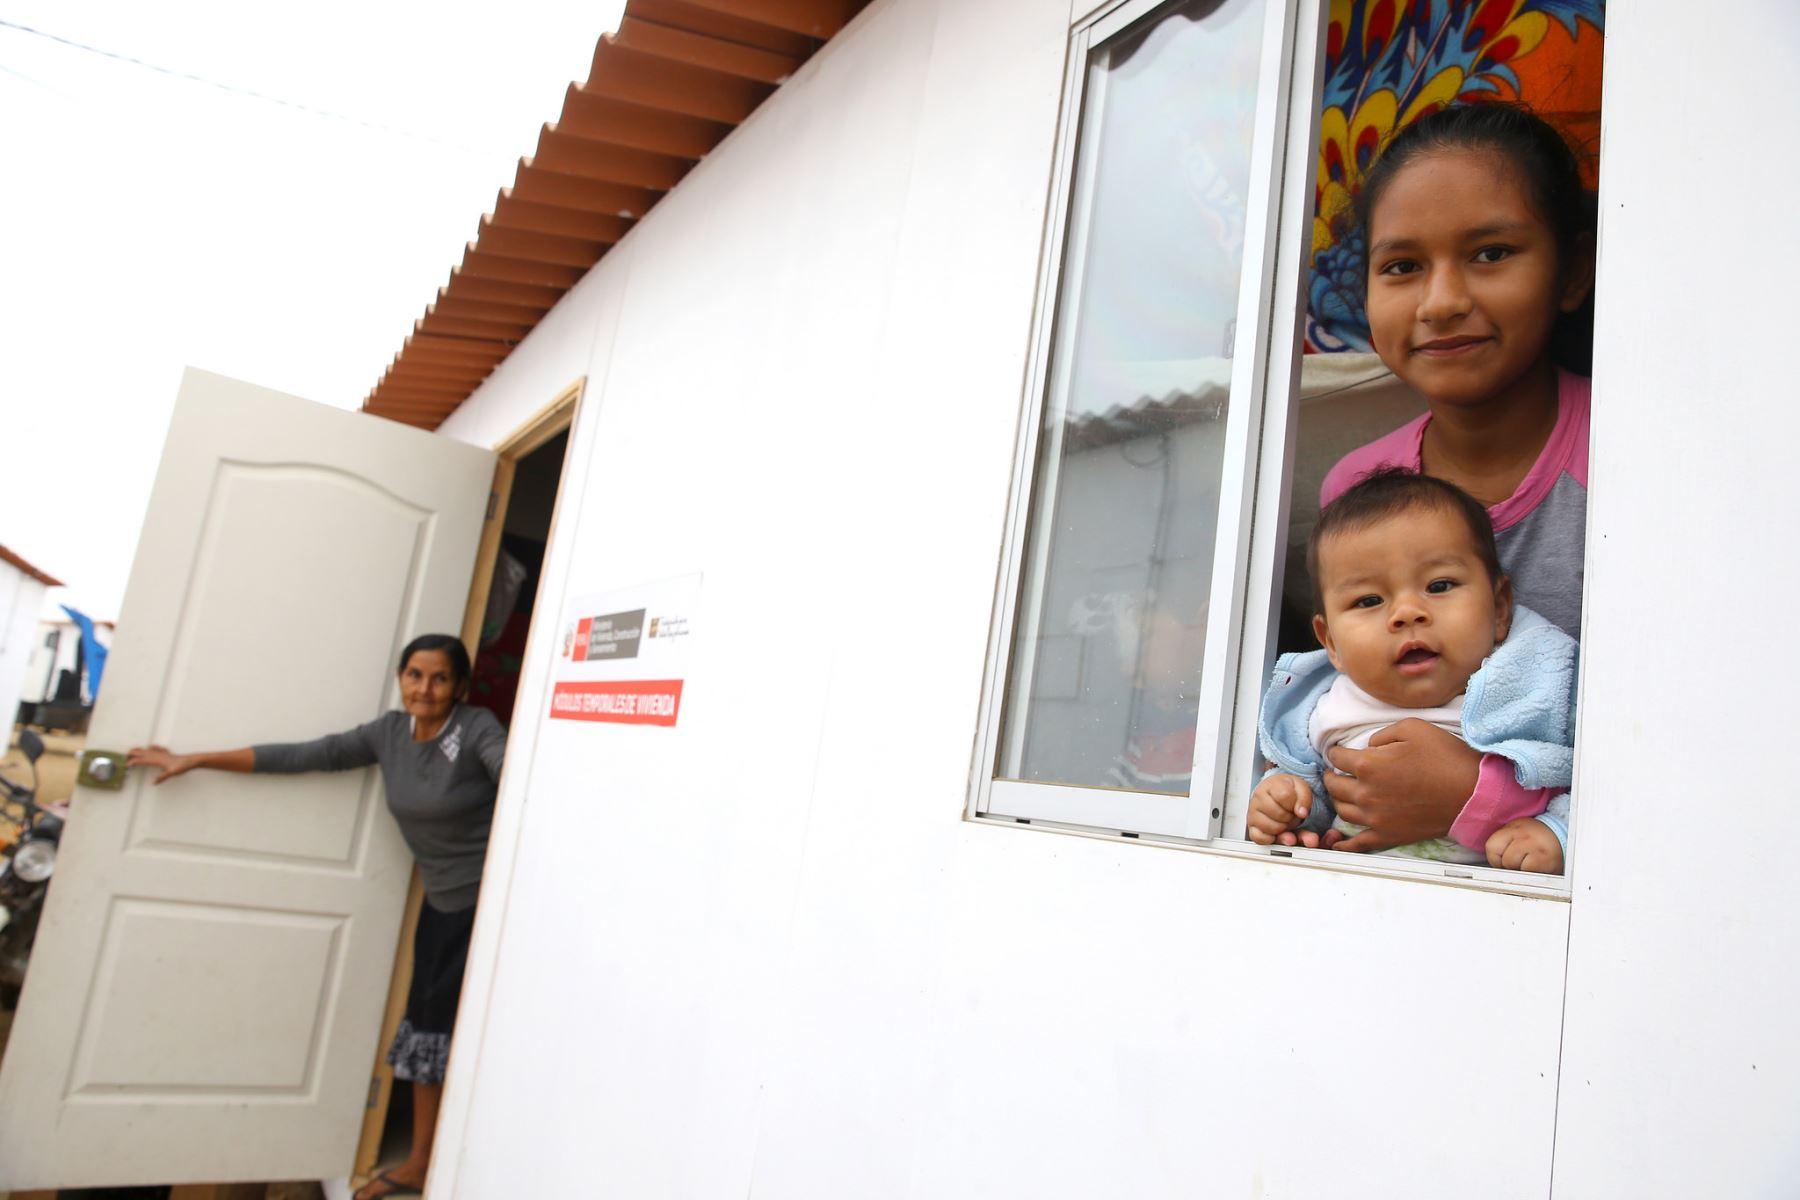 El Presidente, Pedro Pablo Kuczynski, entrega módulos de vivienda e inspecciona la rehabilitación en la Quebrada San Idelfonso, una de las zonas más afectadas por los desastres naturales en la región La Libertad . Foto: ANDINA/ Prensa Presidencia